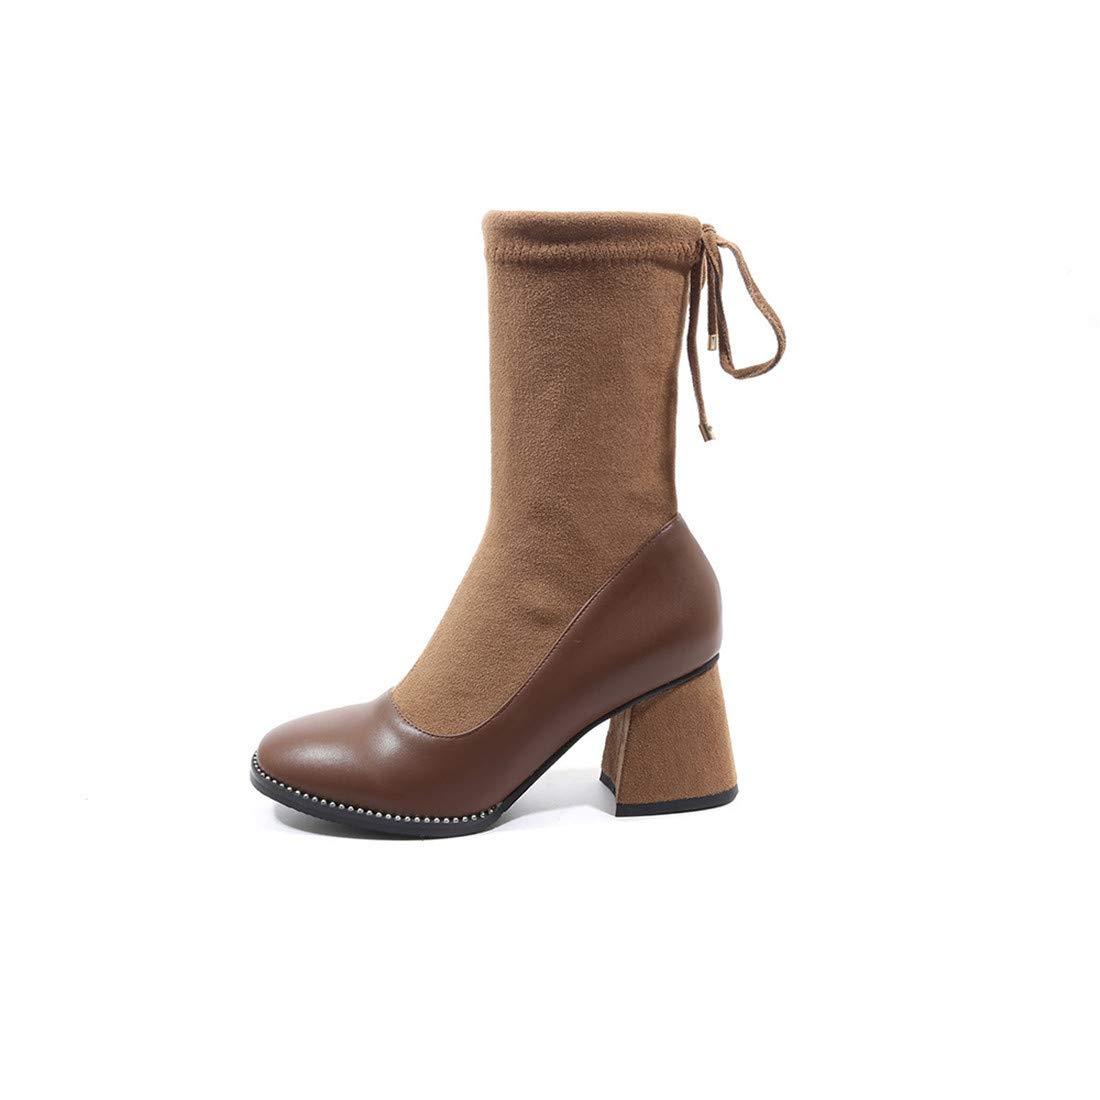 Stiefel-DEDE Machen Siekeine Siekeine Siekeine Stiefel mit Stiefeln Röhre in Röhre   Damenstiefel mit hochhackiger Röhre Europa und den Vereinigten Staaten Damenstiefel mit großem Schlauch c96332